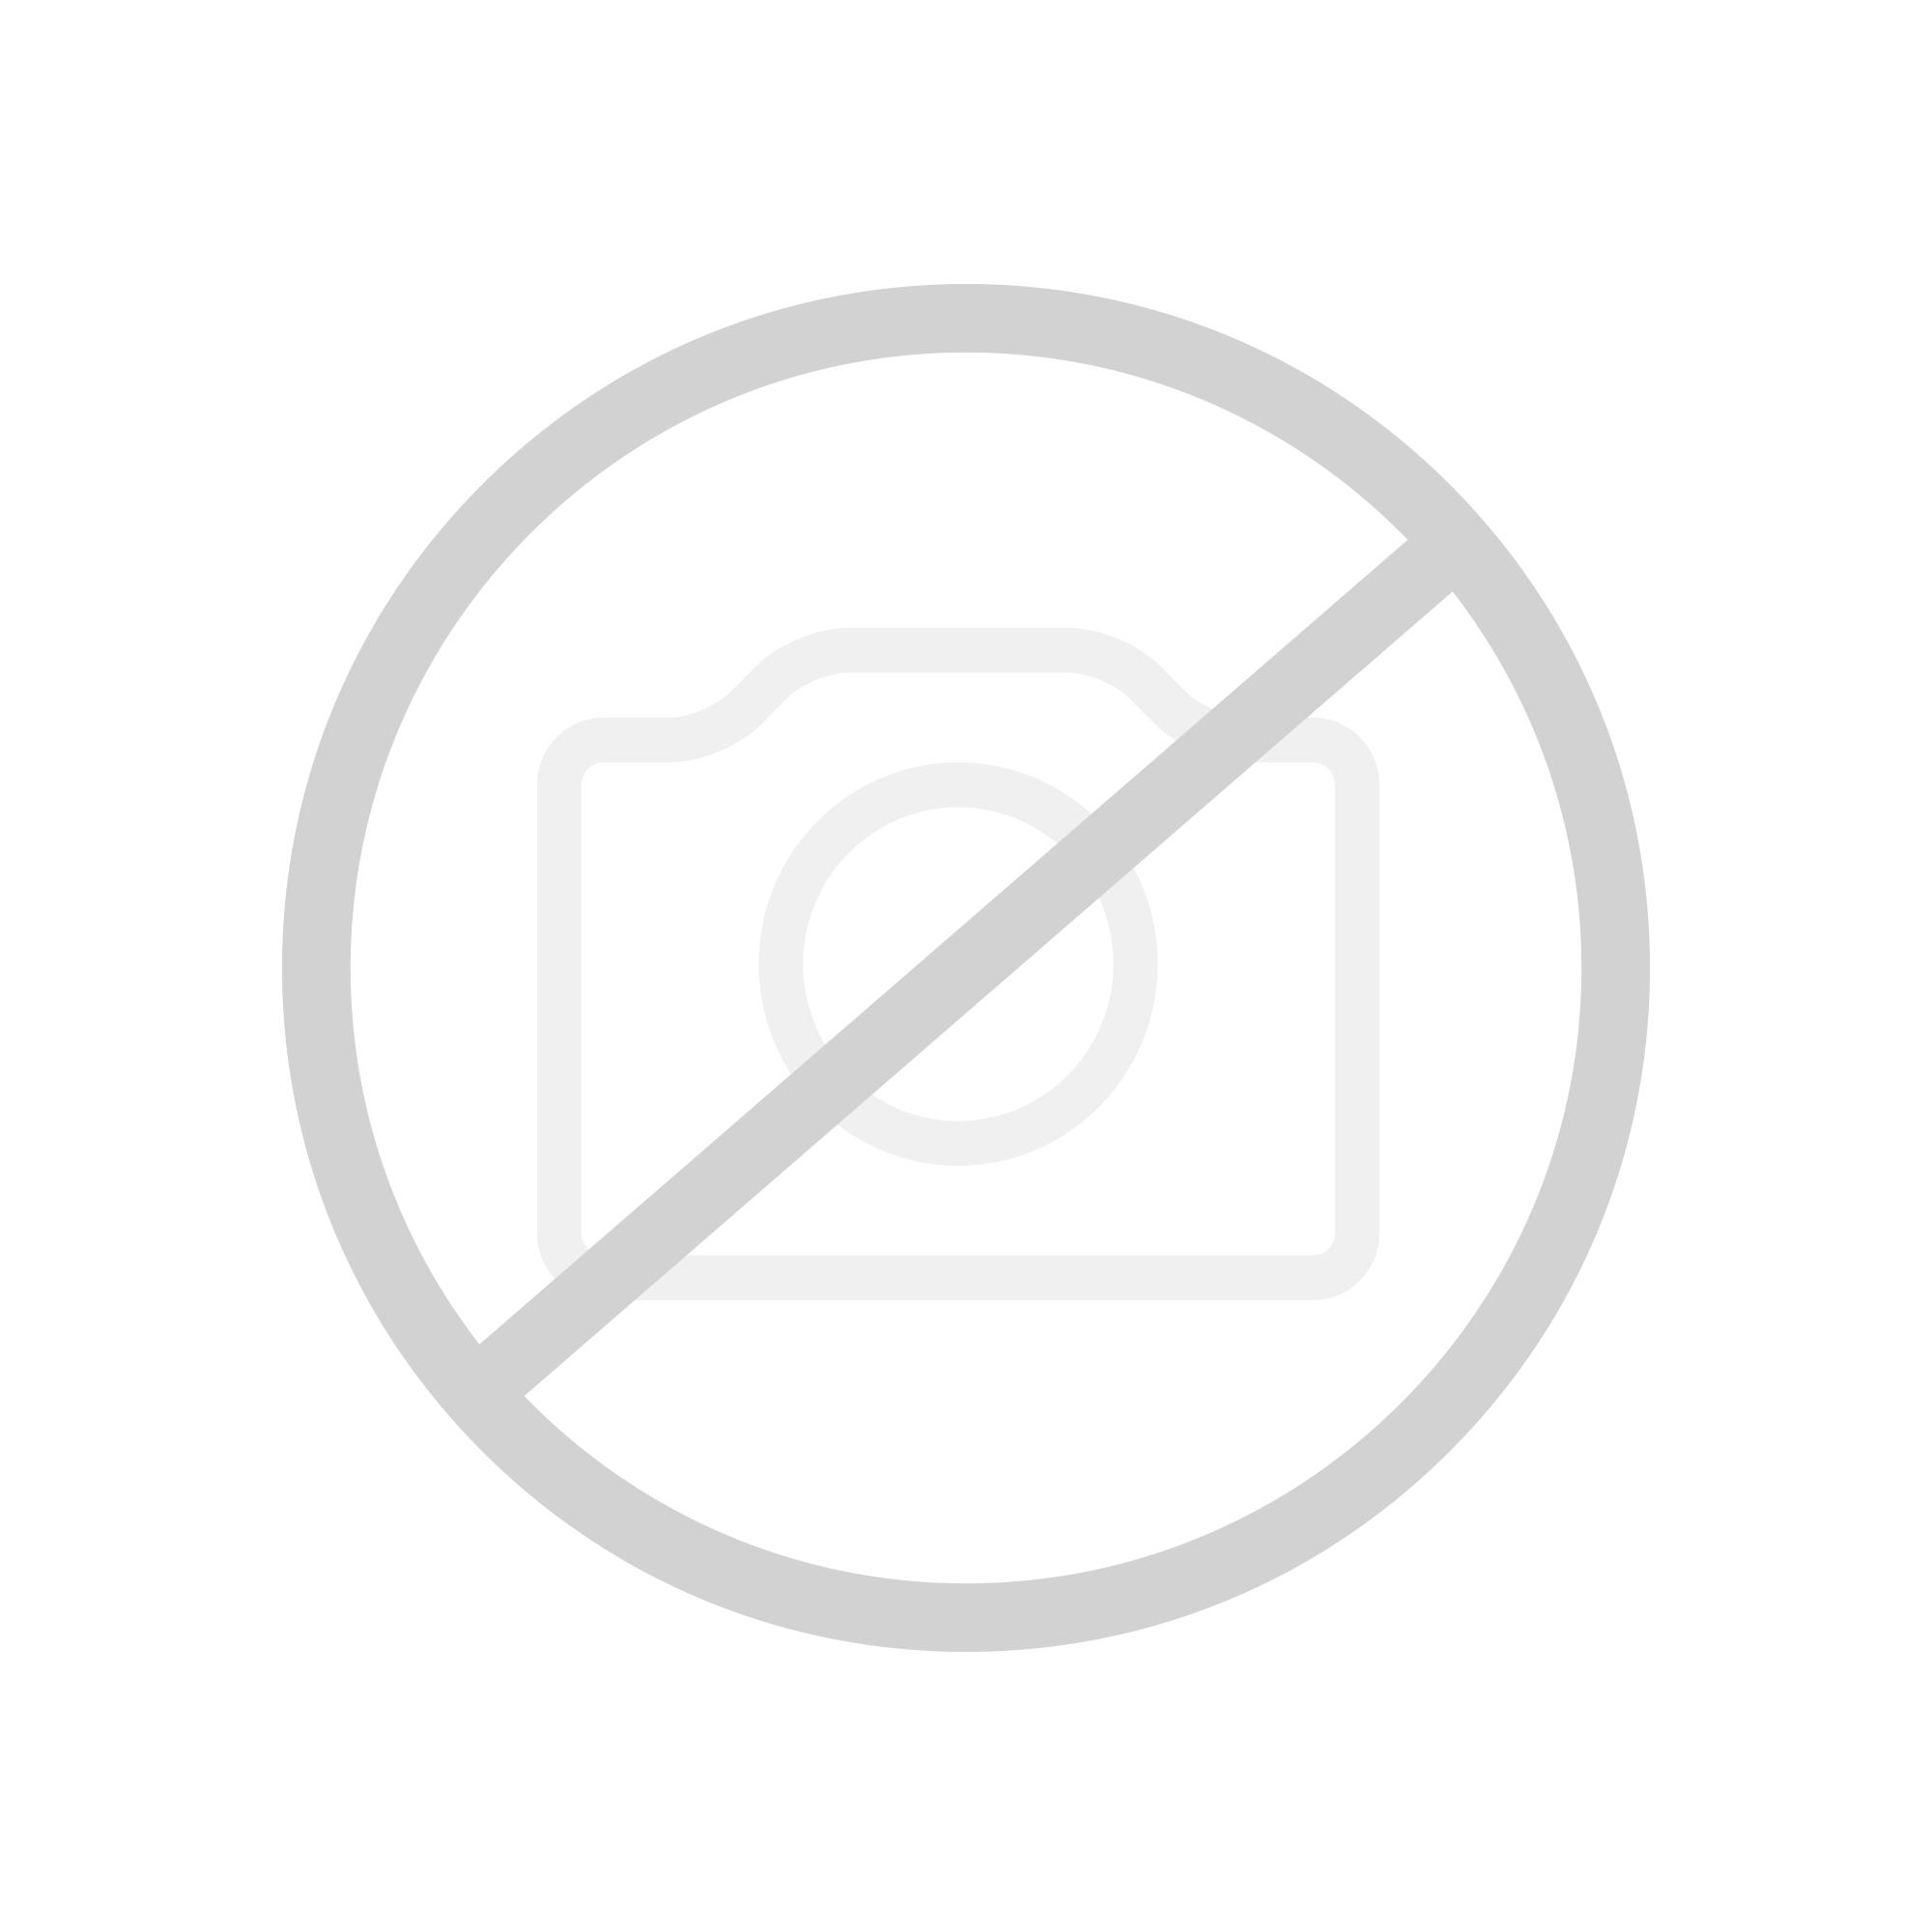 Schell Eckregulierventil COMFORT mit selbstdichtendem Anschlussgewinde (ASAG easy)